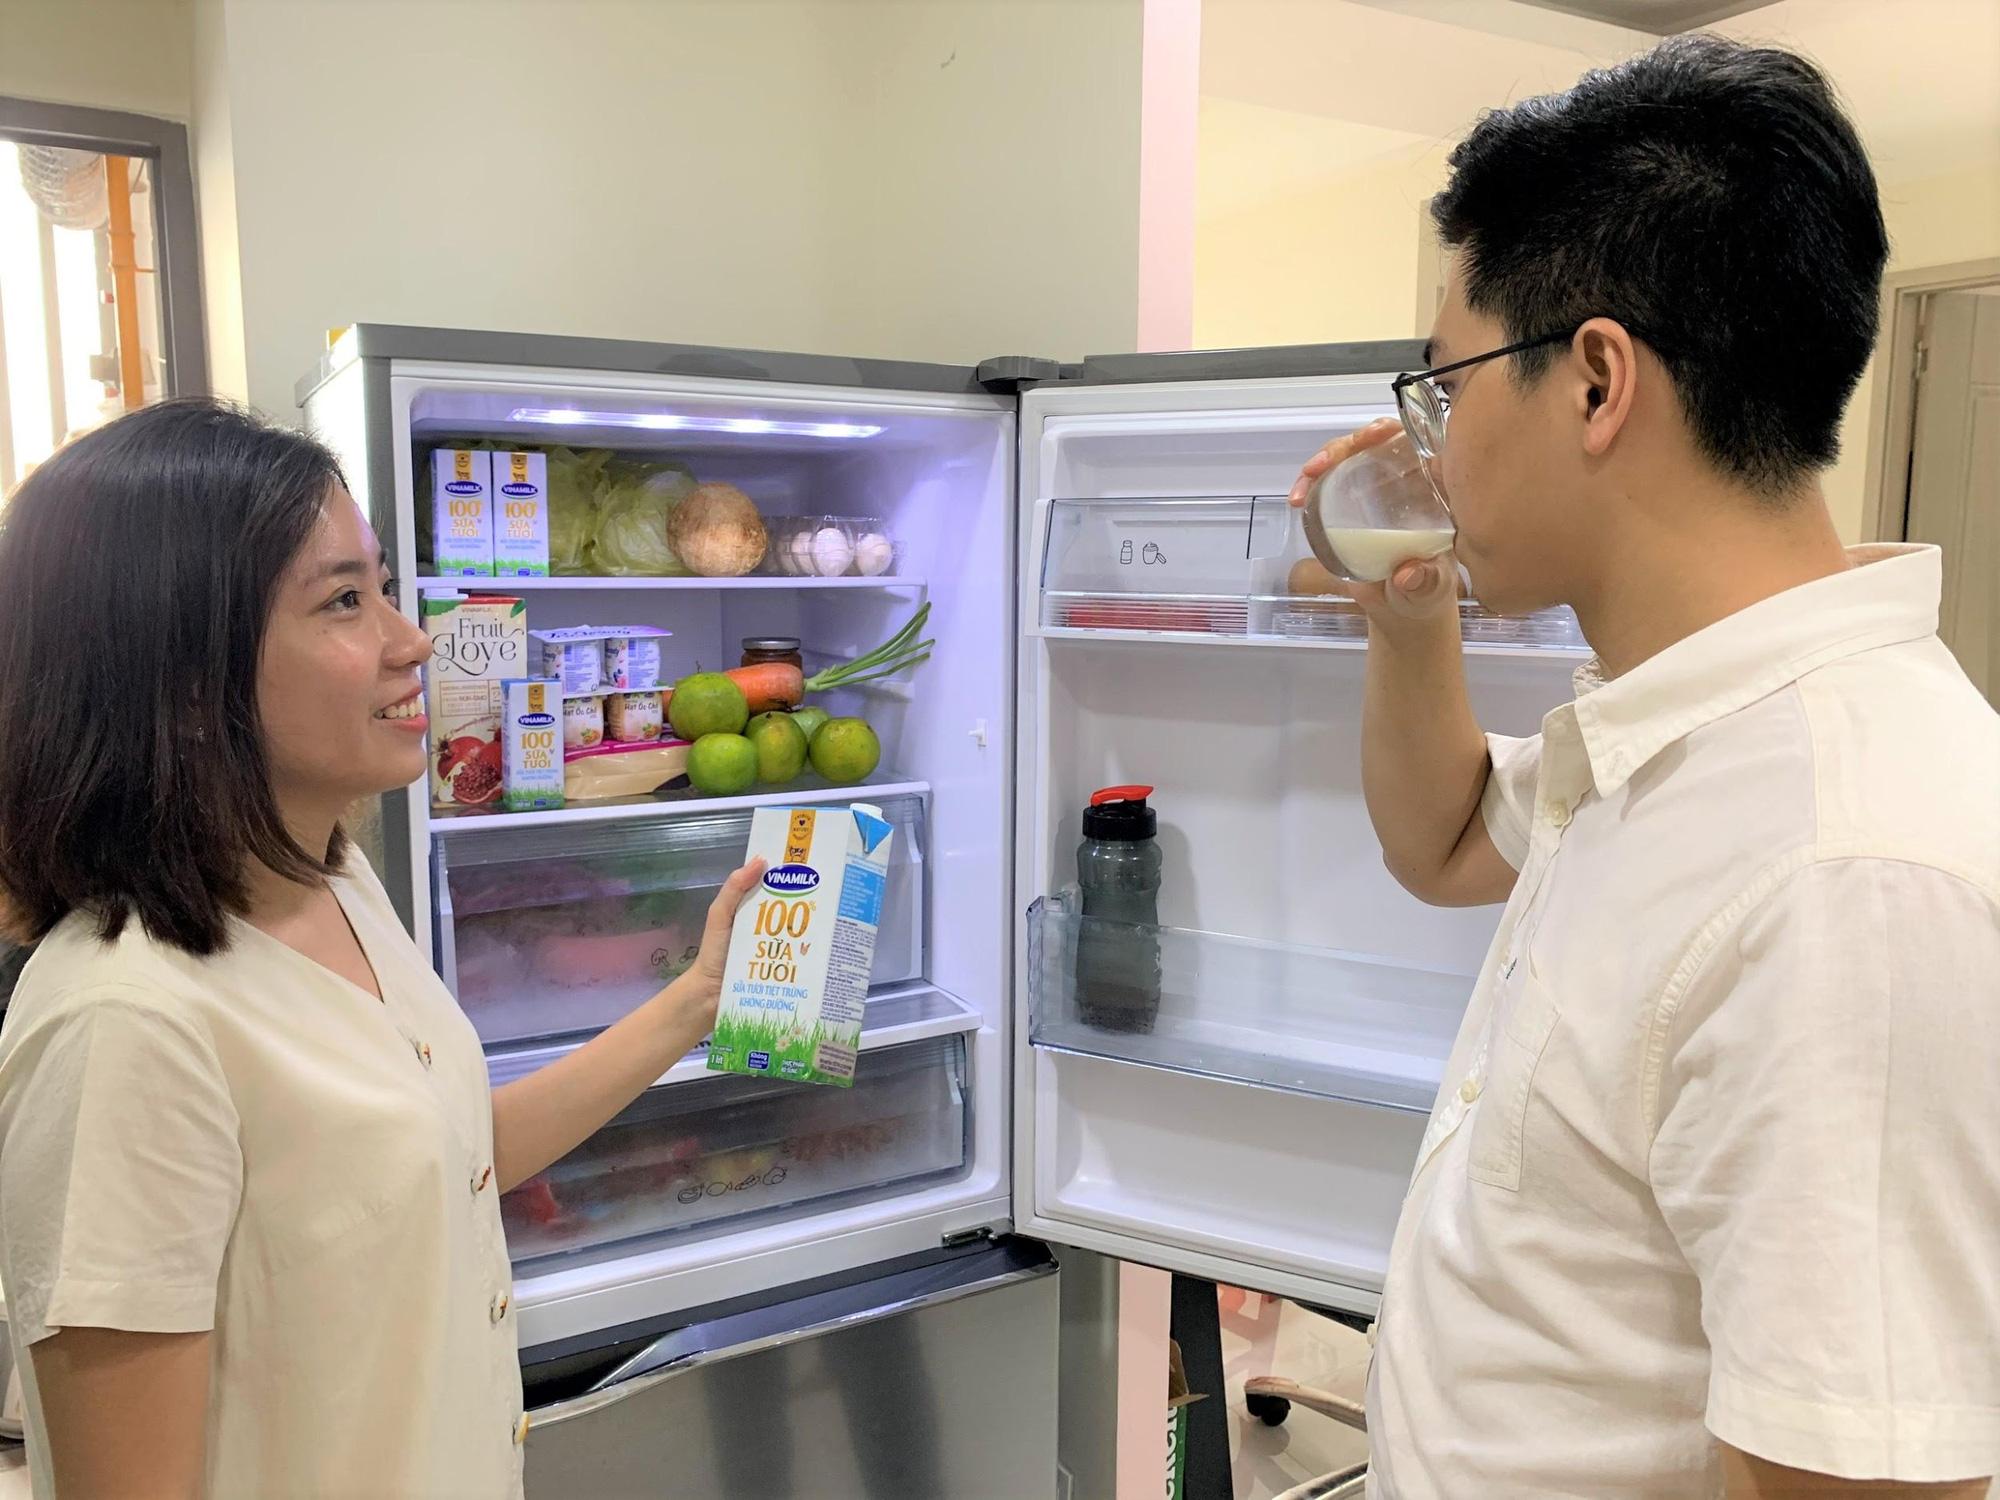 """Đi tìm những """"trợ thủ đắc lực"""" có mặt trong hầu hết tủ lạnh của mọi nhà vào mùa ai cũng cần tăng đề kháng - Ảnh 4."""